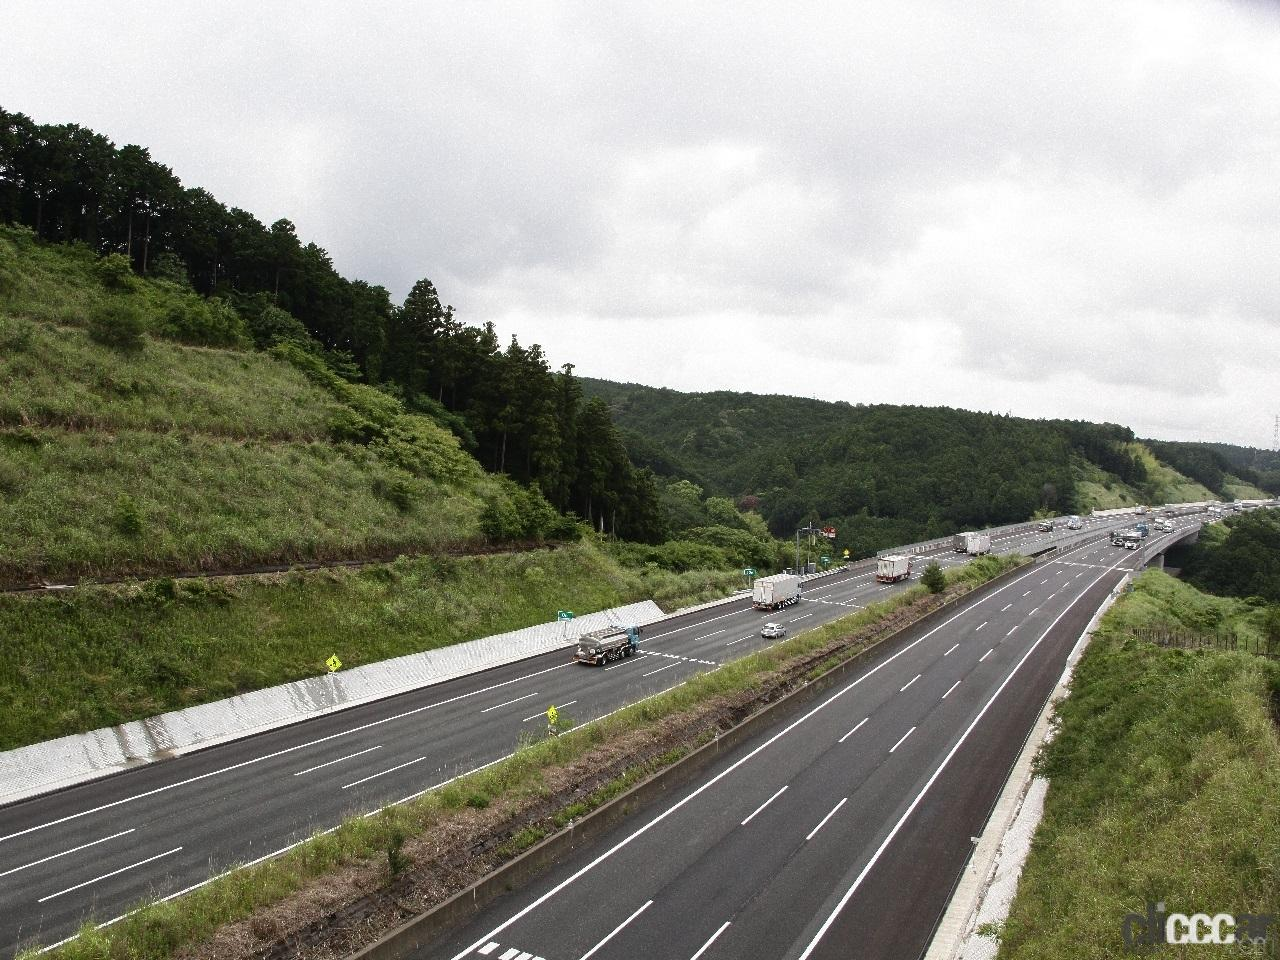 日本の高速道路はたった4つ?高速道路と自動車専用道路は違っていた!